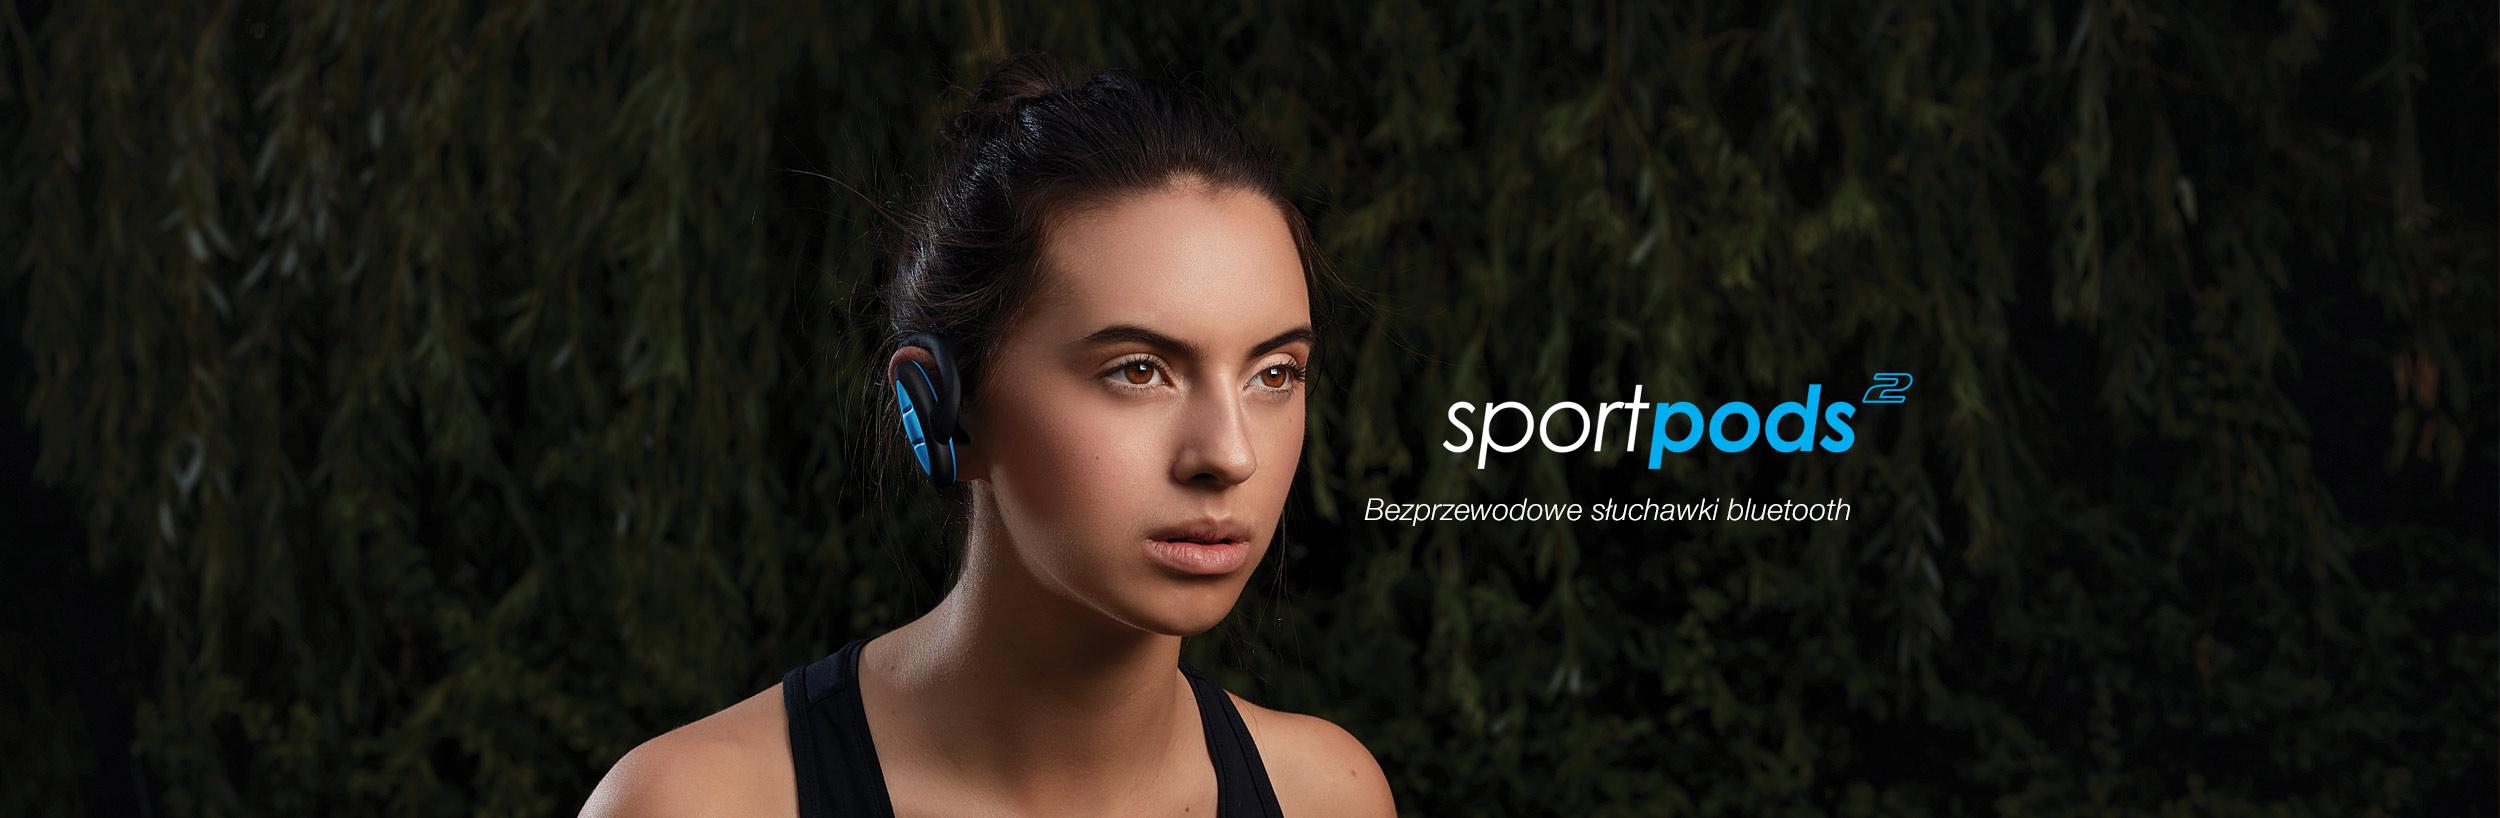 Boompods sportpods 2 - Bezprzewodowe słuchawki bluetooth